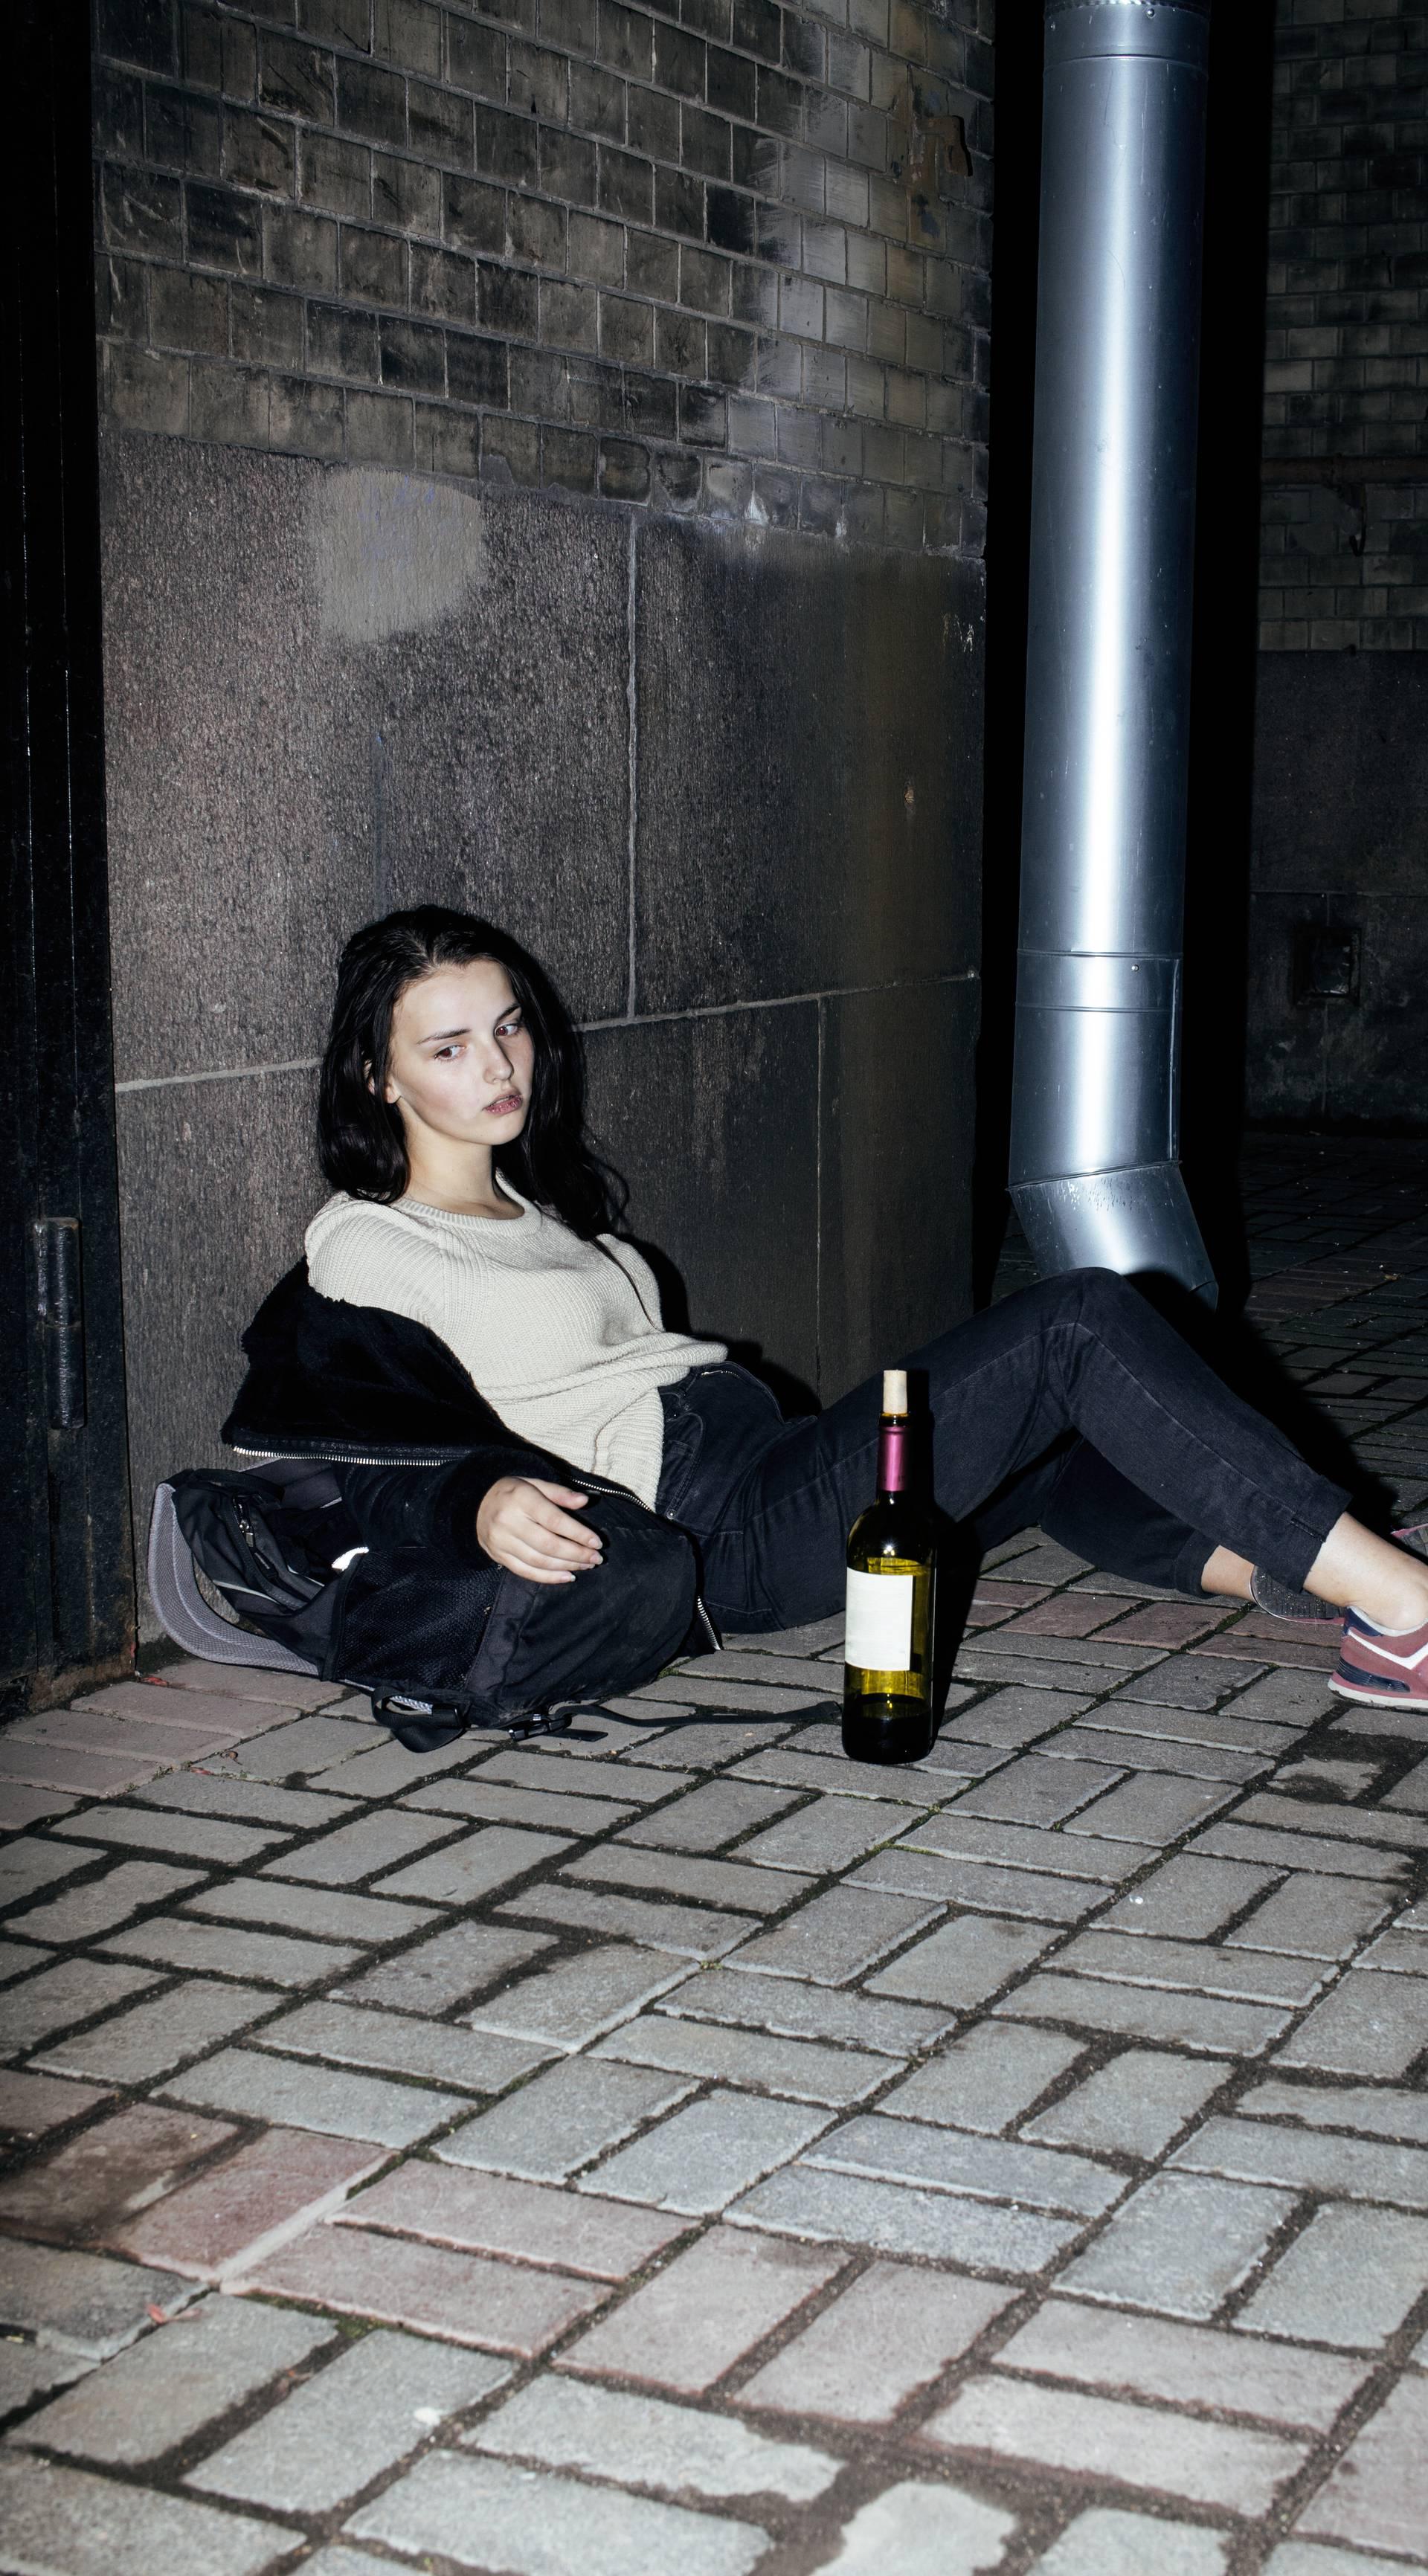 Alkohol nam truje djecu: 'Opila sam se, netko me slikao golu...'